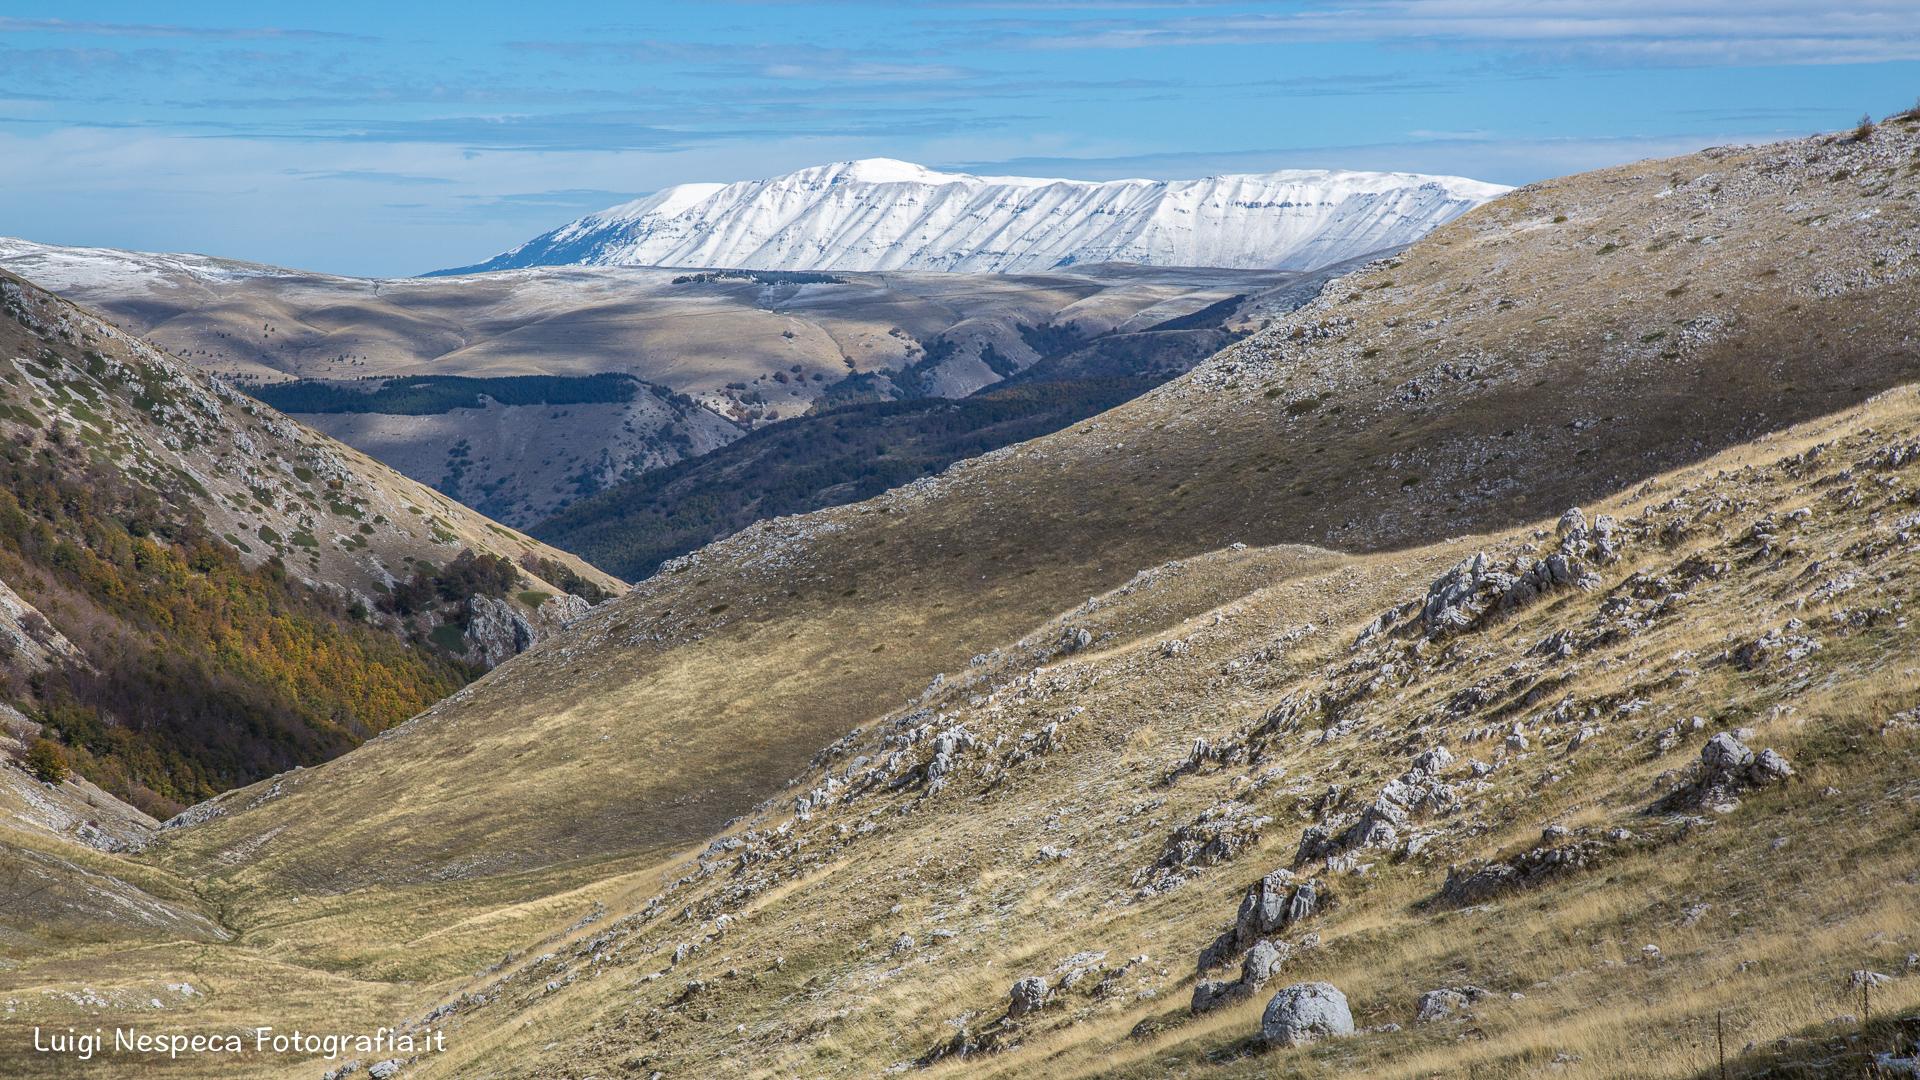 PNALM - Prima neve sulla Majella dalle montagne di Scanno (AQ)